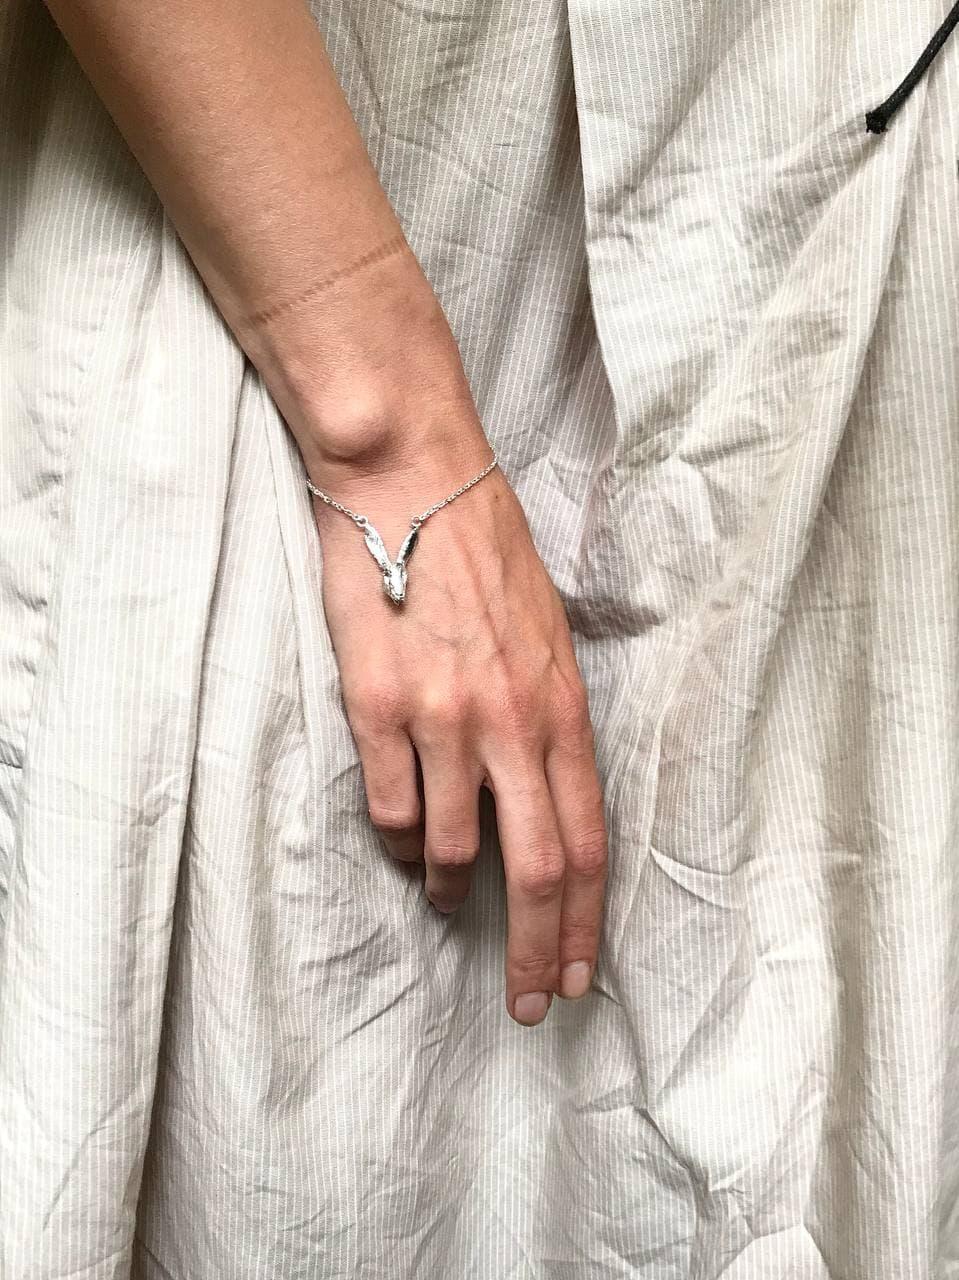 Срібний браслет з зайцем, 925 проба